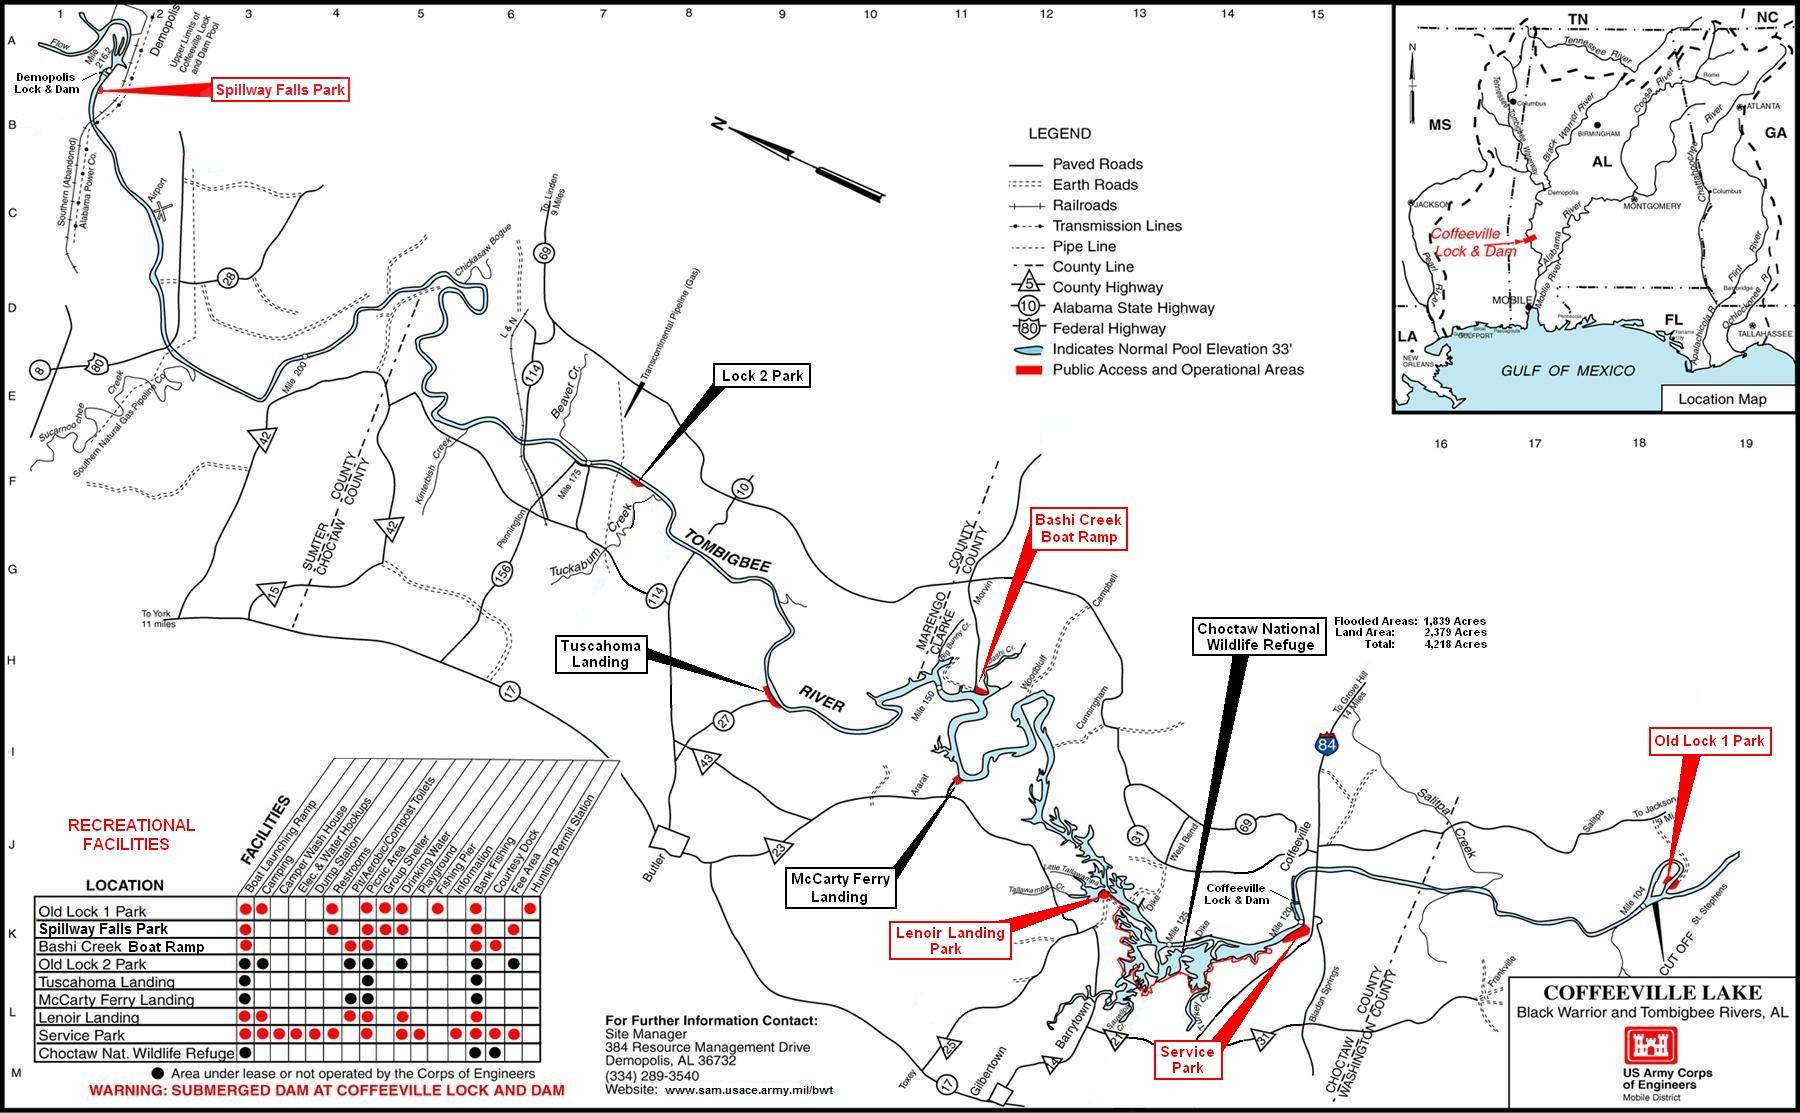 Lake Lanier Wikipedia South Carolina Rivers And Lakes Mapsofnet - Florida map rivers